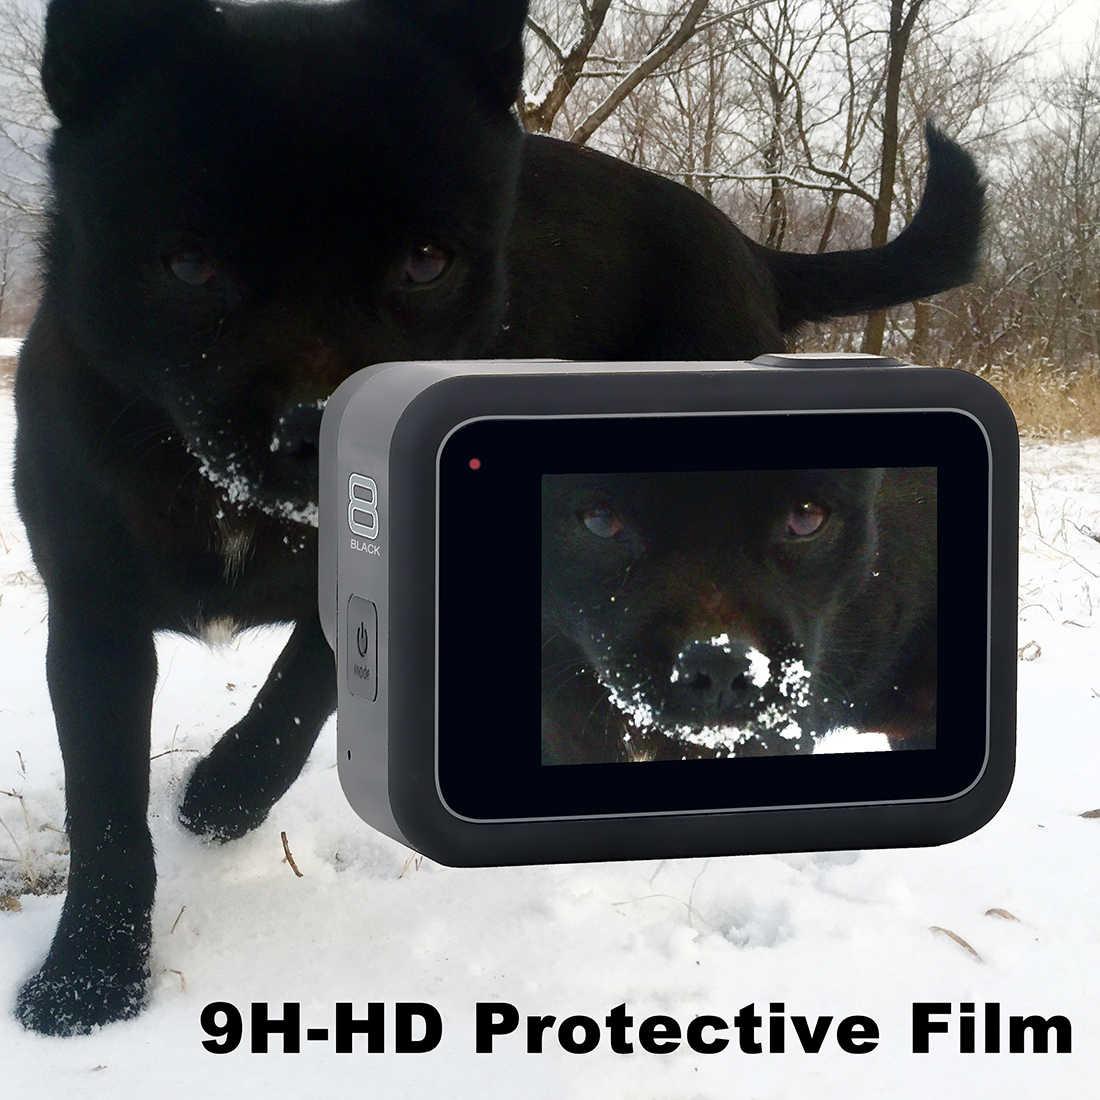 QIUNIU سامسونج شاشة كمبيوتر محمول ذات دقة عالية + واقي للشاشة الأمامية + عدسة شاشة طبقة رقيقة واقية ل GoPro بطل 8 أسود كاميرا من جو برو 8 ملحق